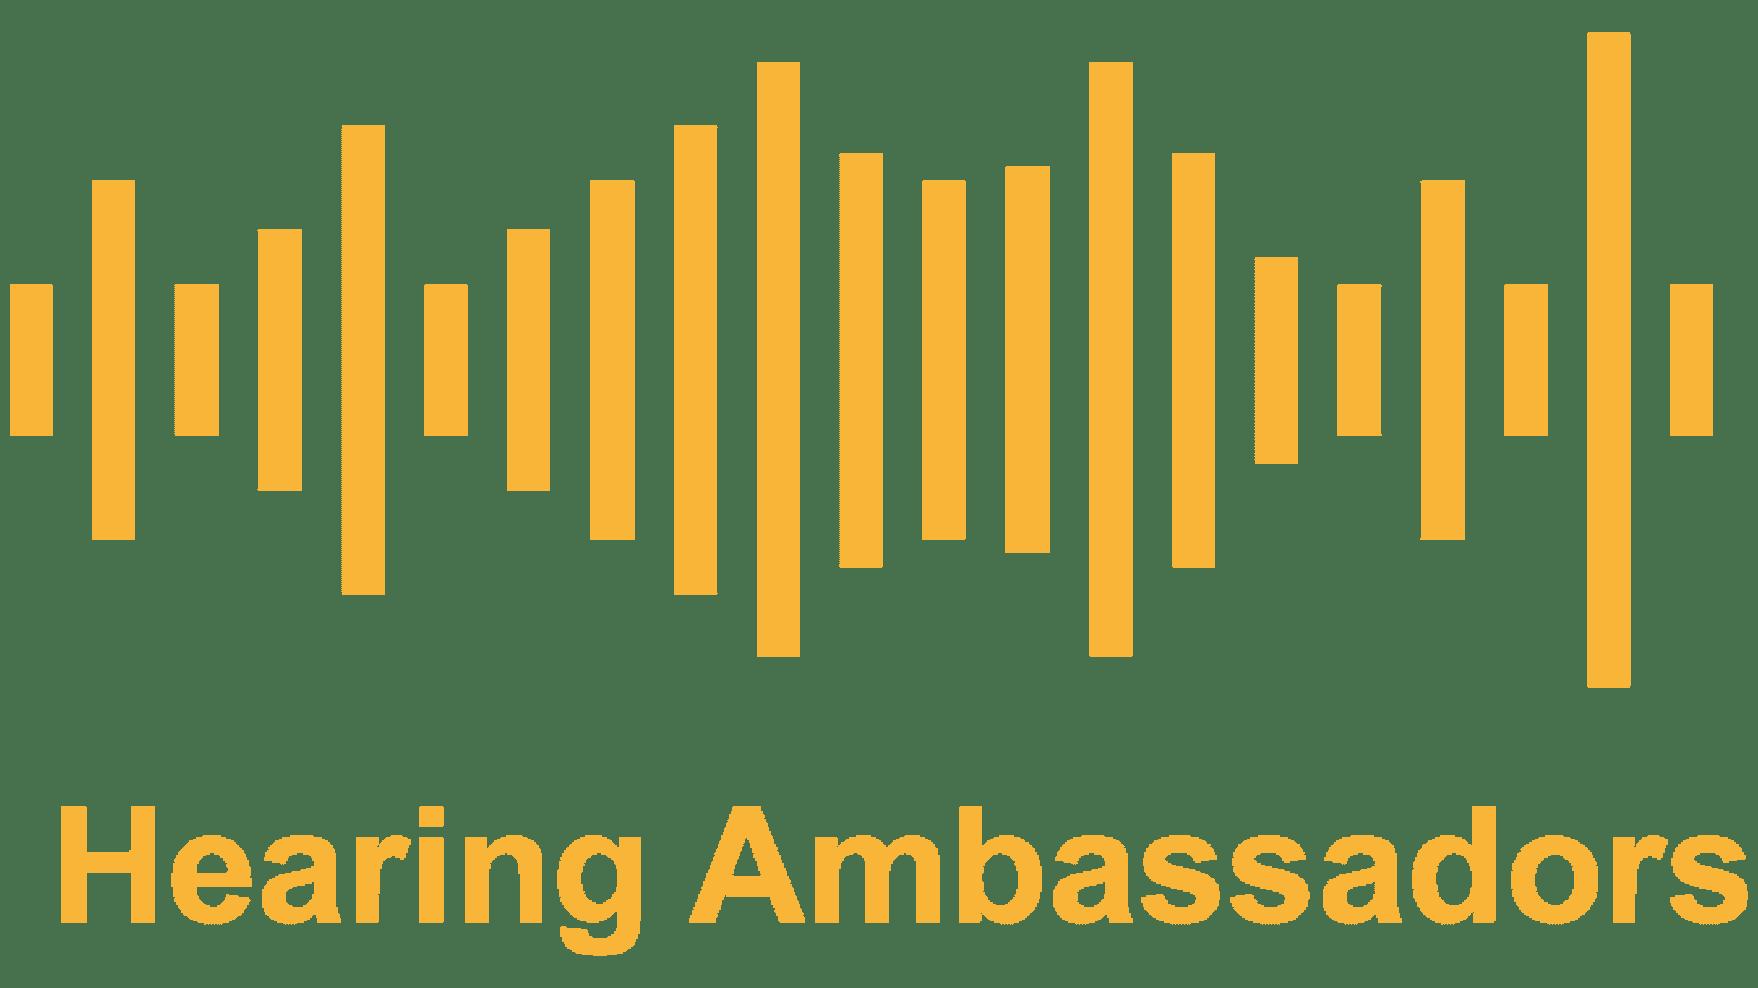 Hearing Ambassadors